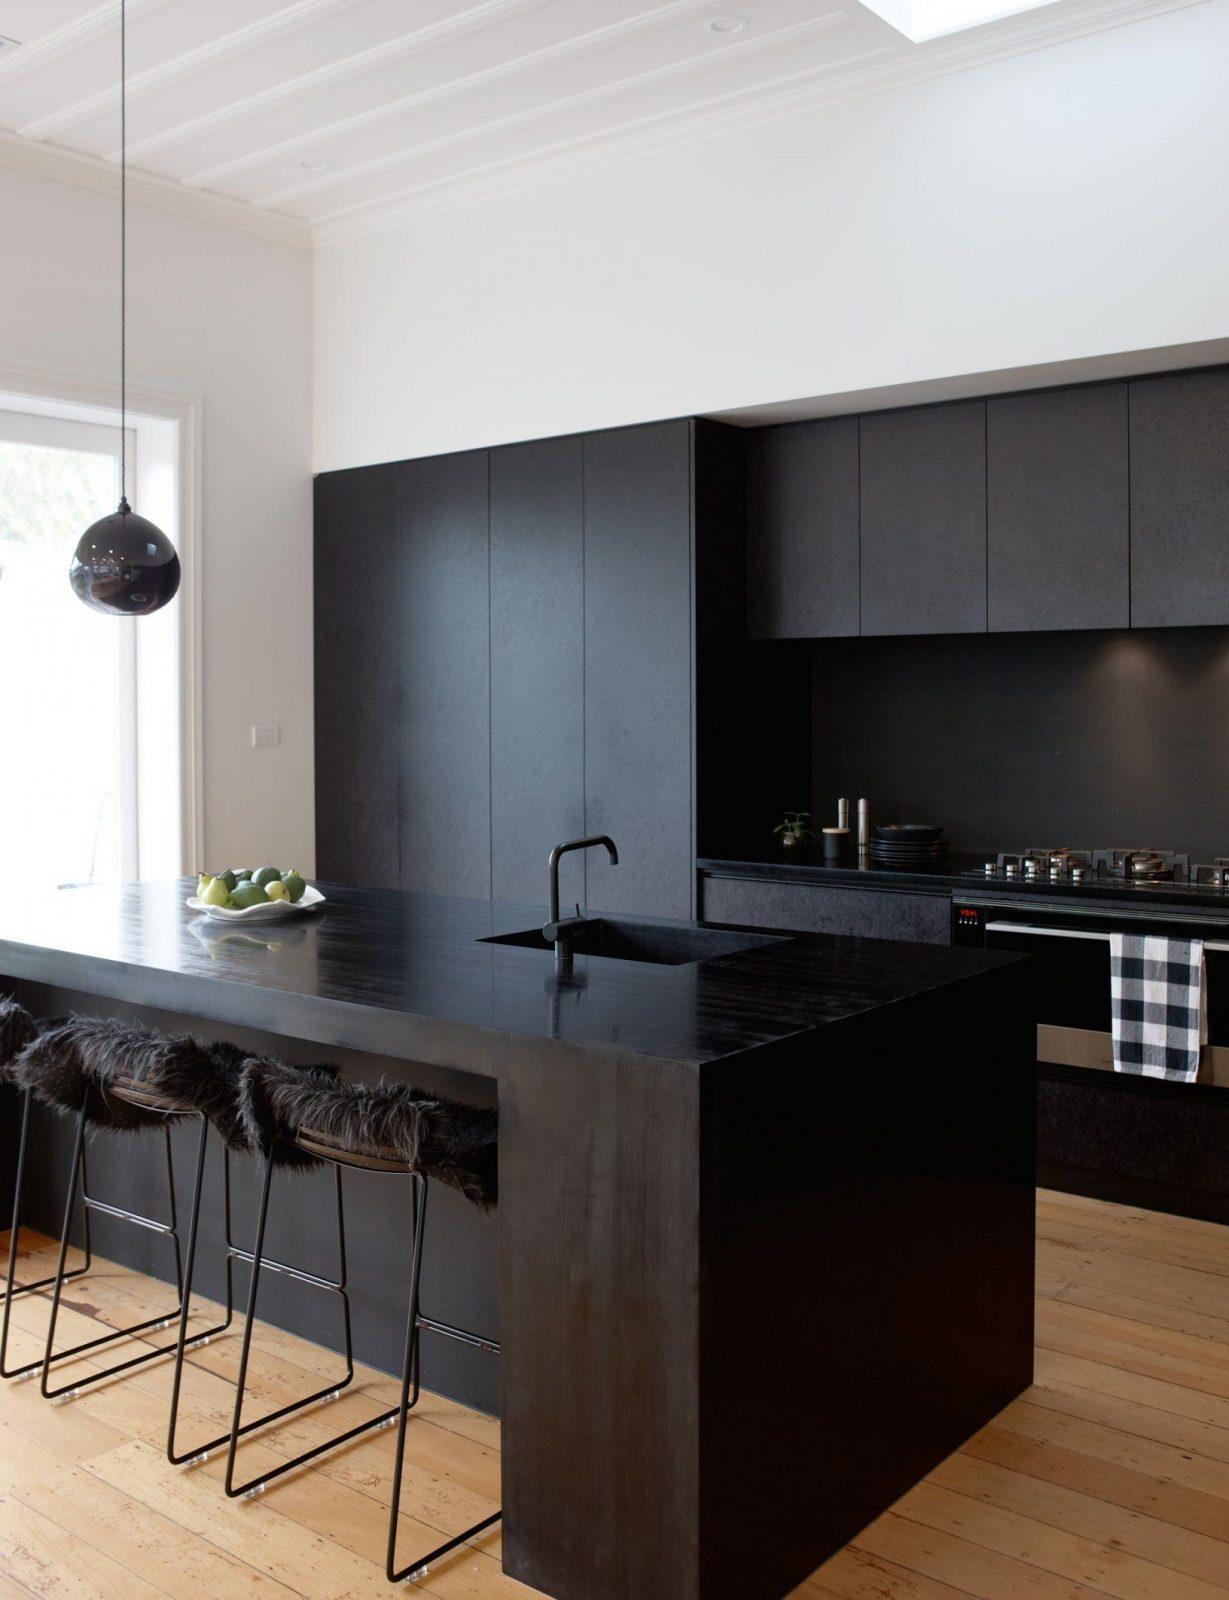 Abwaschbare Farbe Küche Abwaschbare Tapete Küche Luxus Schön